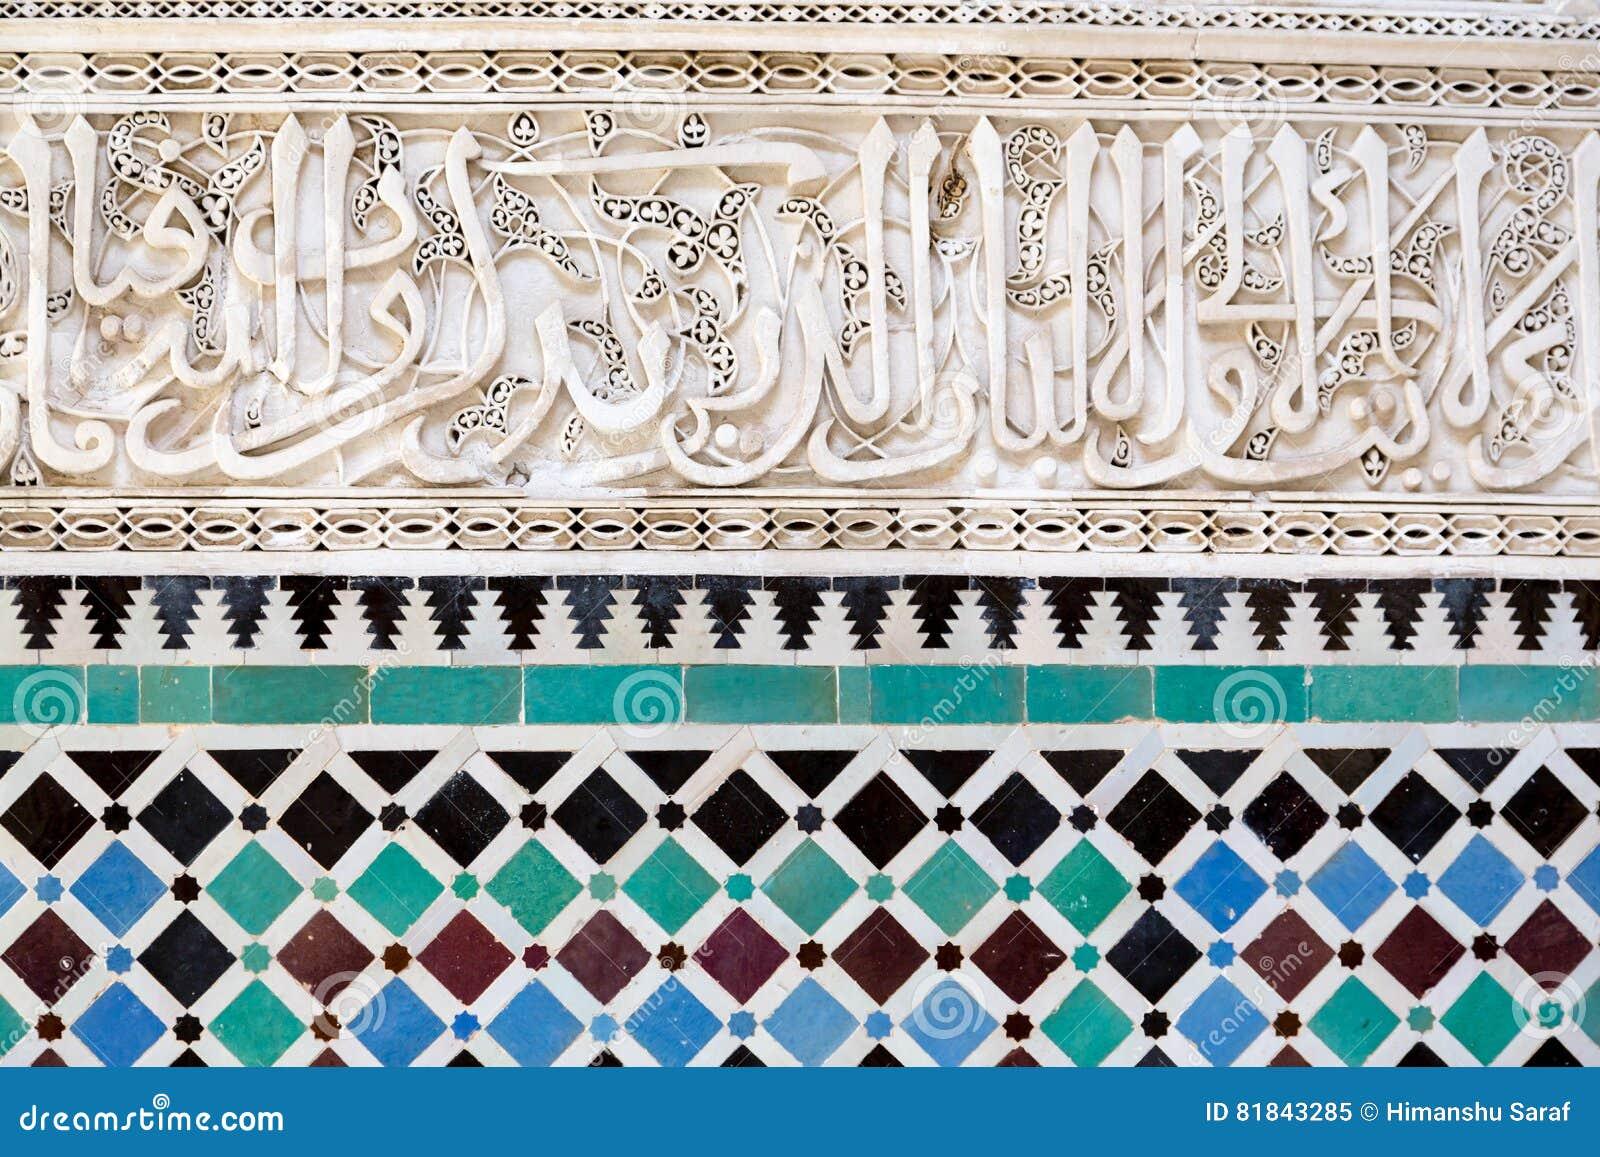 Manuscrit arabe sur des murs de Bou Inania Madarsa dans Fes, Maroc